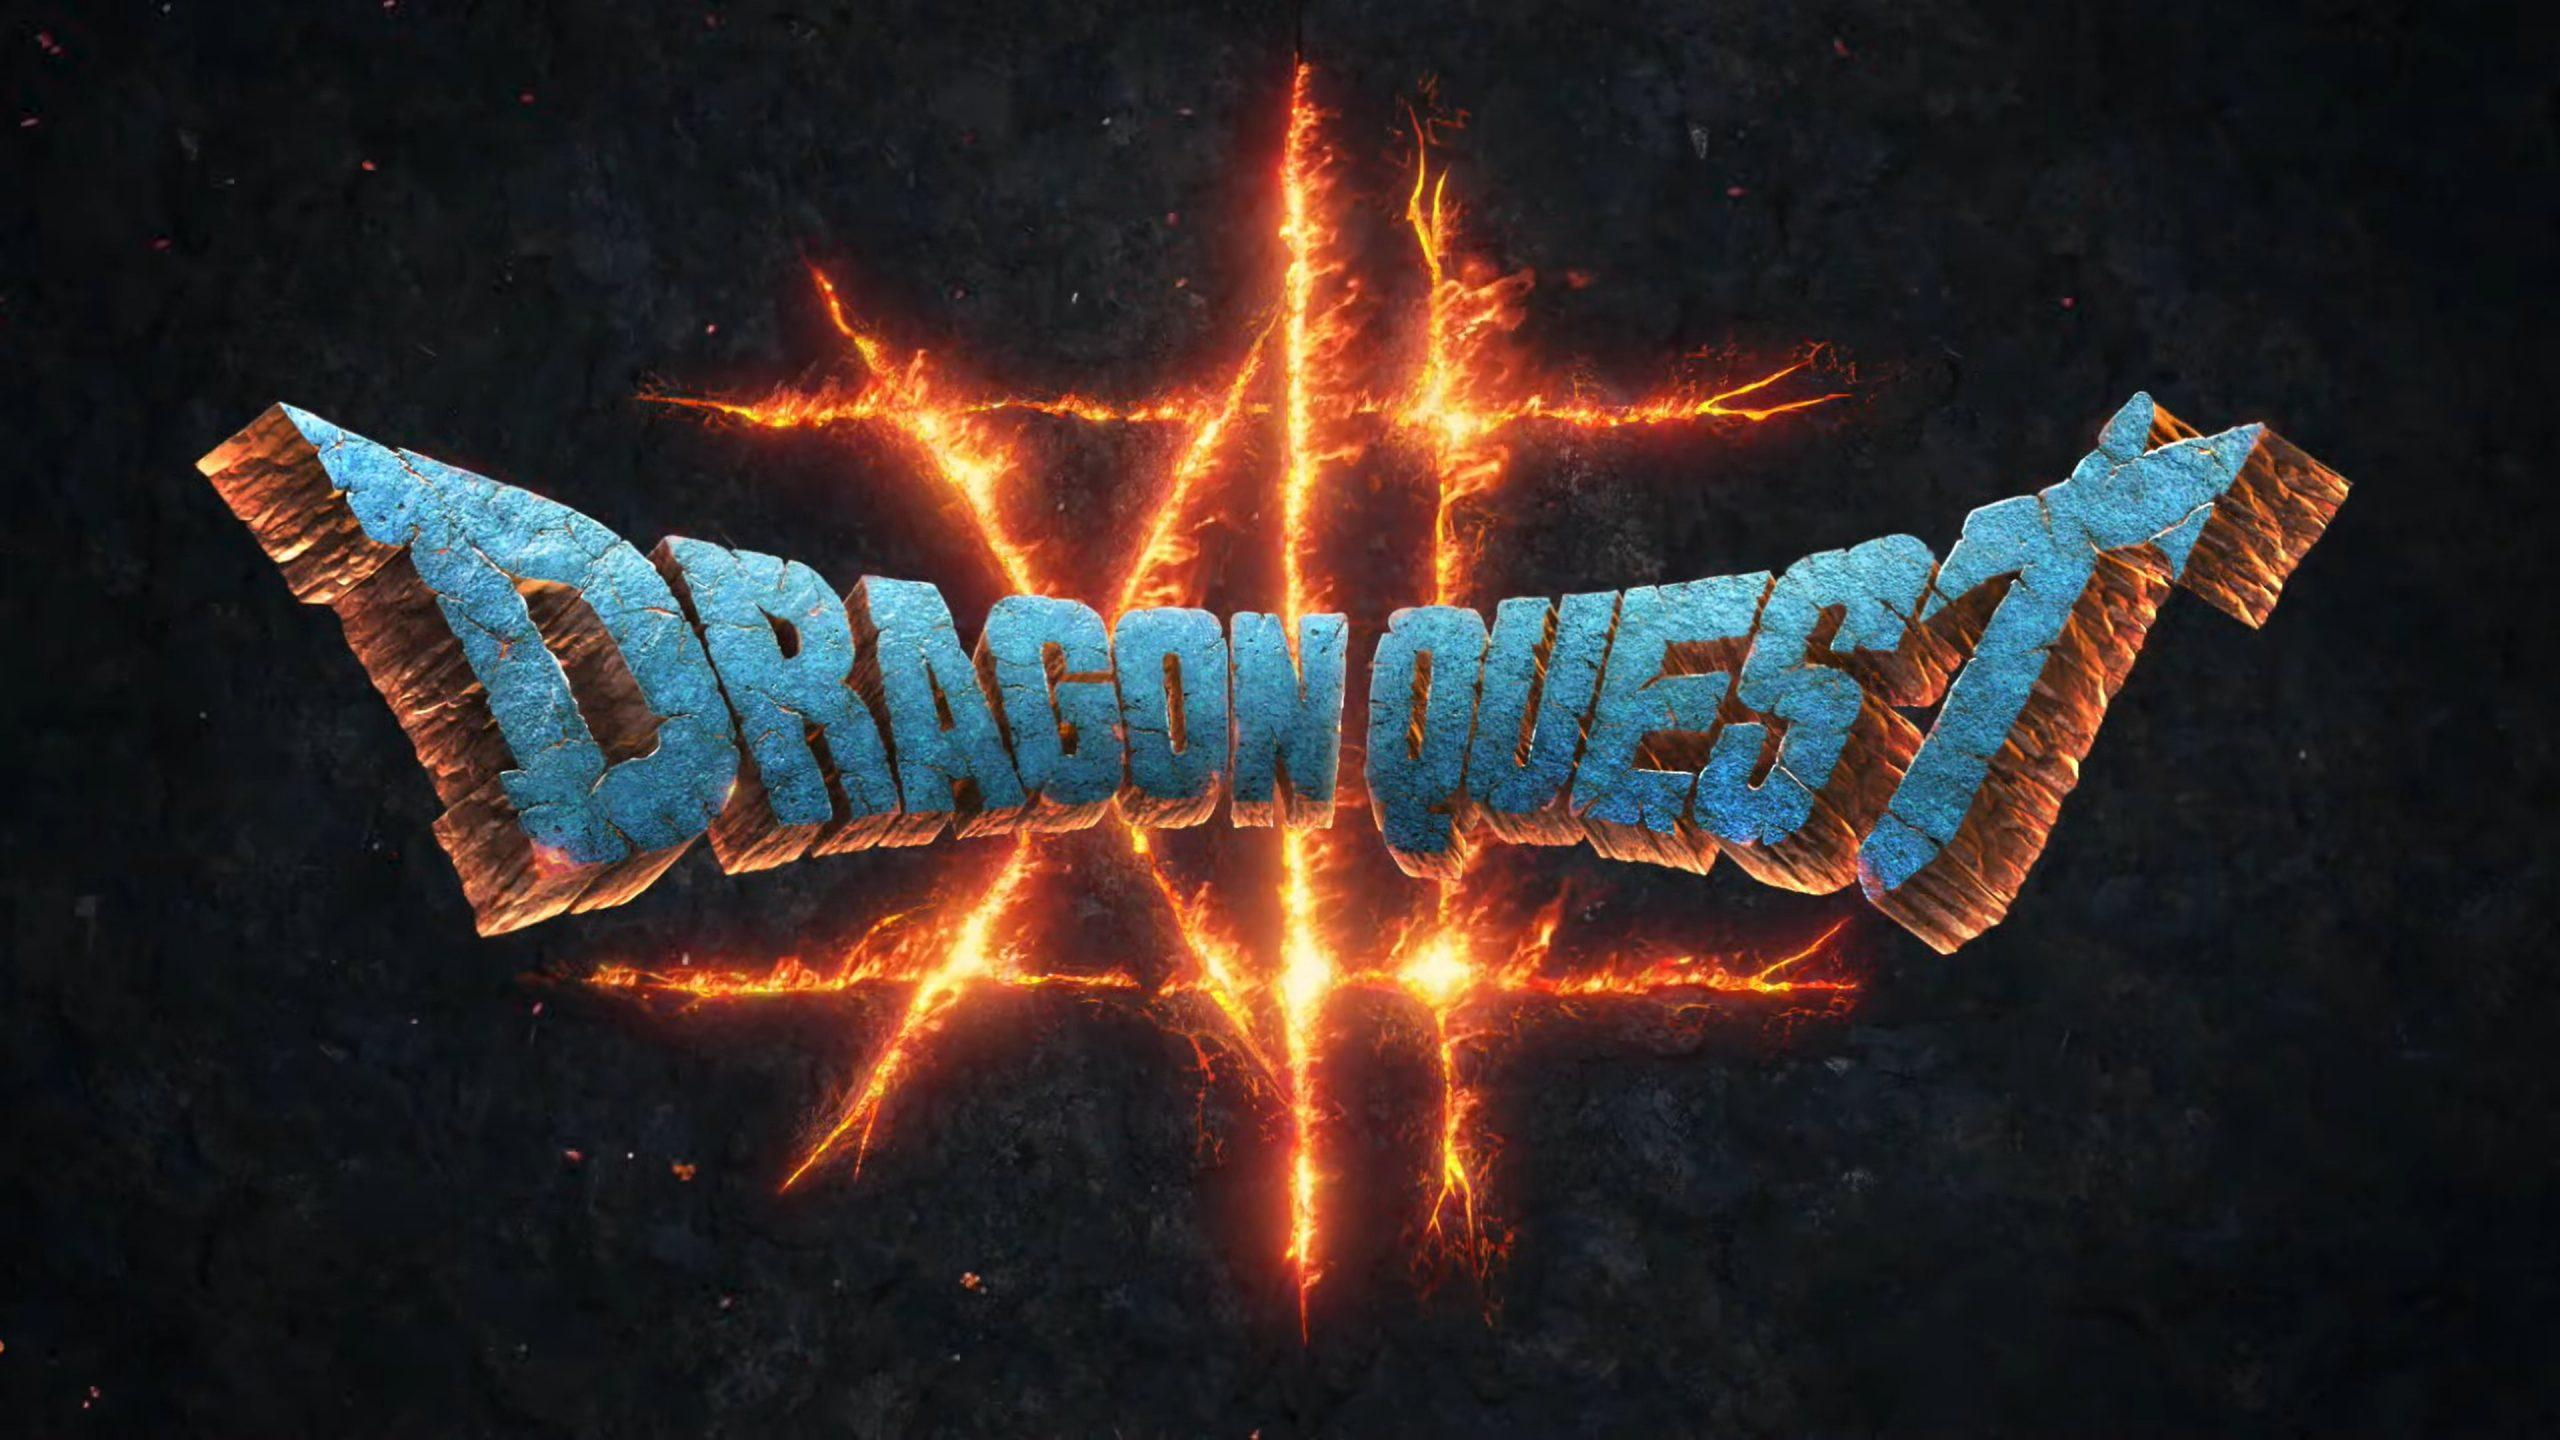 Dragon Quest X Offline, Dragon Quest Treasures, Dragon Quest III HD-2D Remake и Dragon Quest XII: The Flames of Fate - всё, что показали на презентации в честь 35-летия франшизы 2